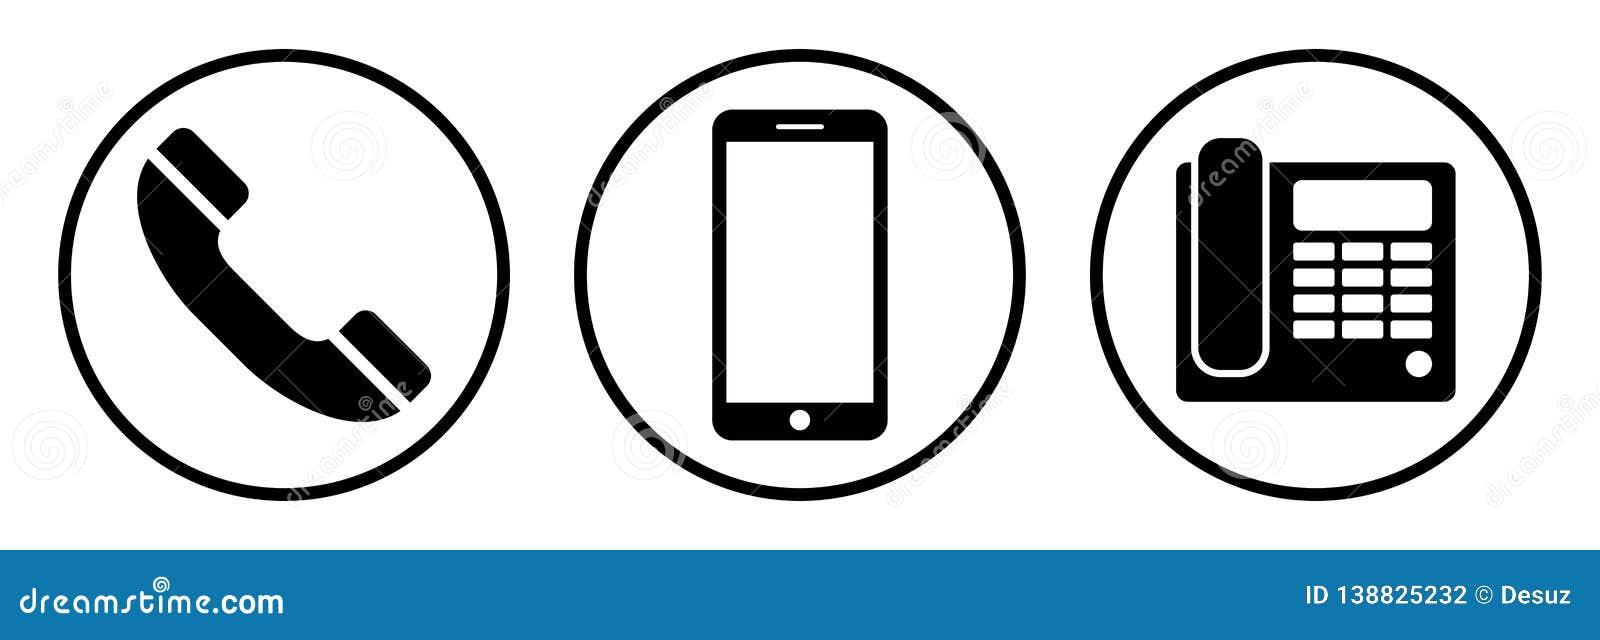 De Reeks van het Pictogram van de telefoon Geïsoleerde telefoon simbols op witte achtergrond